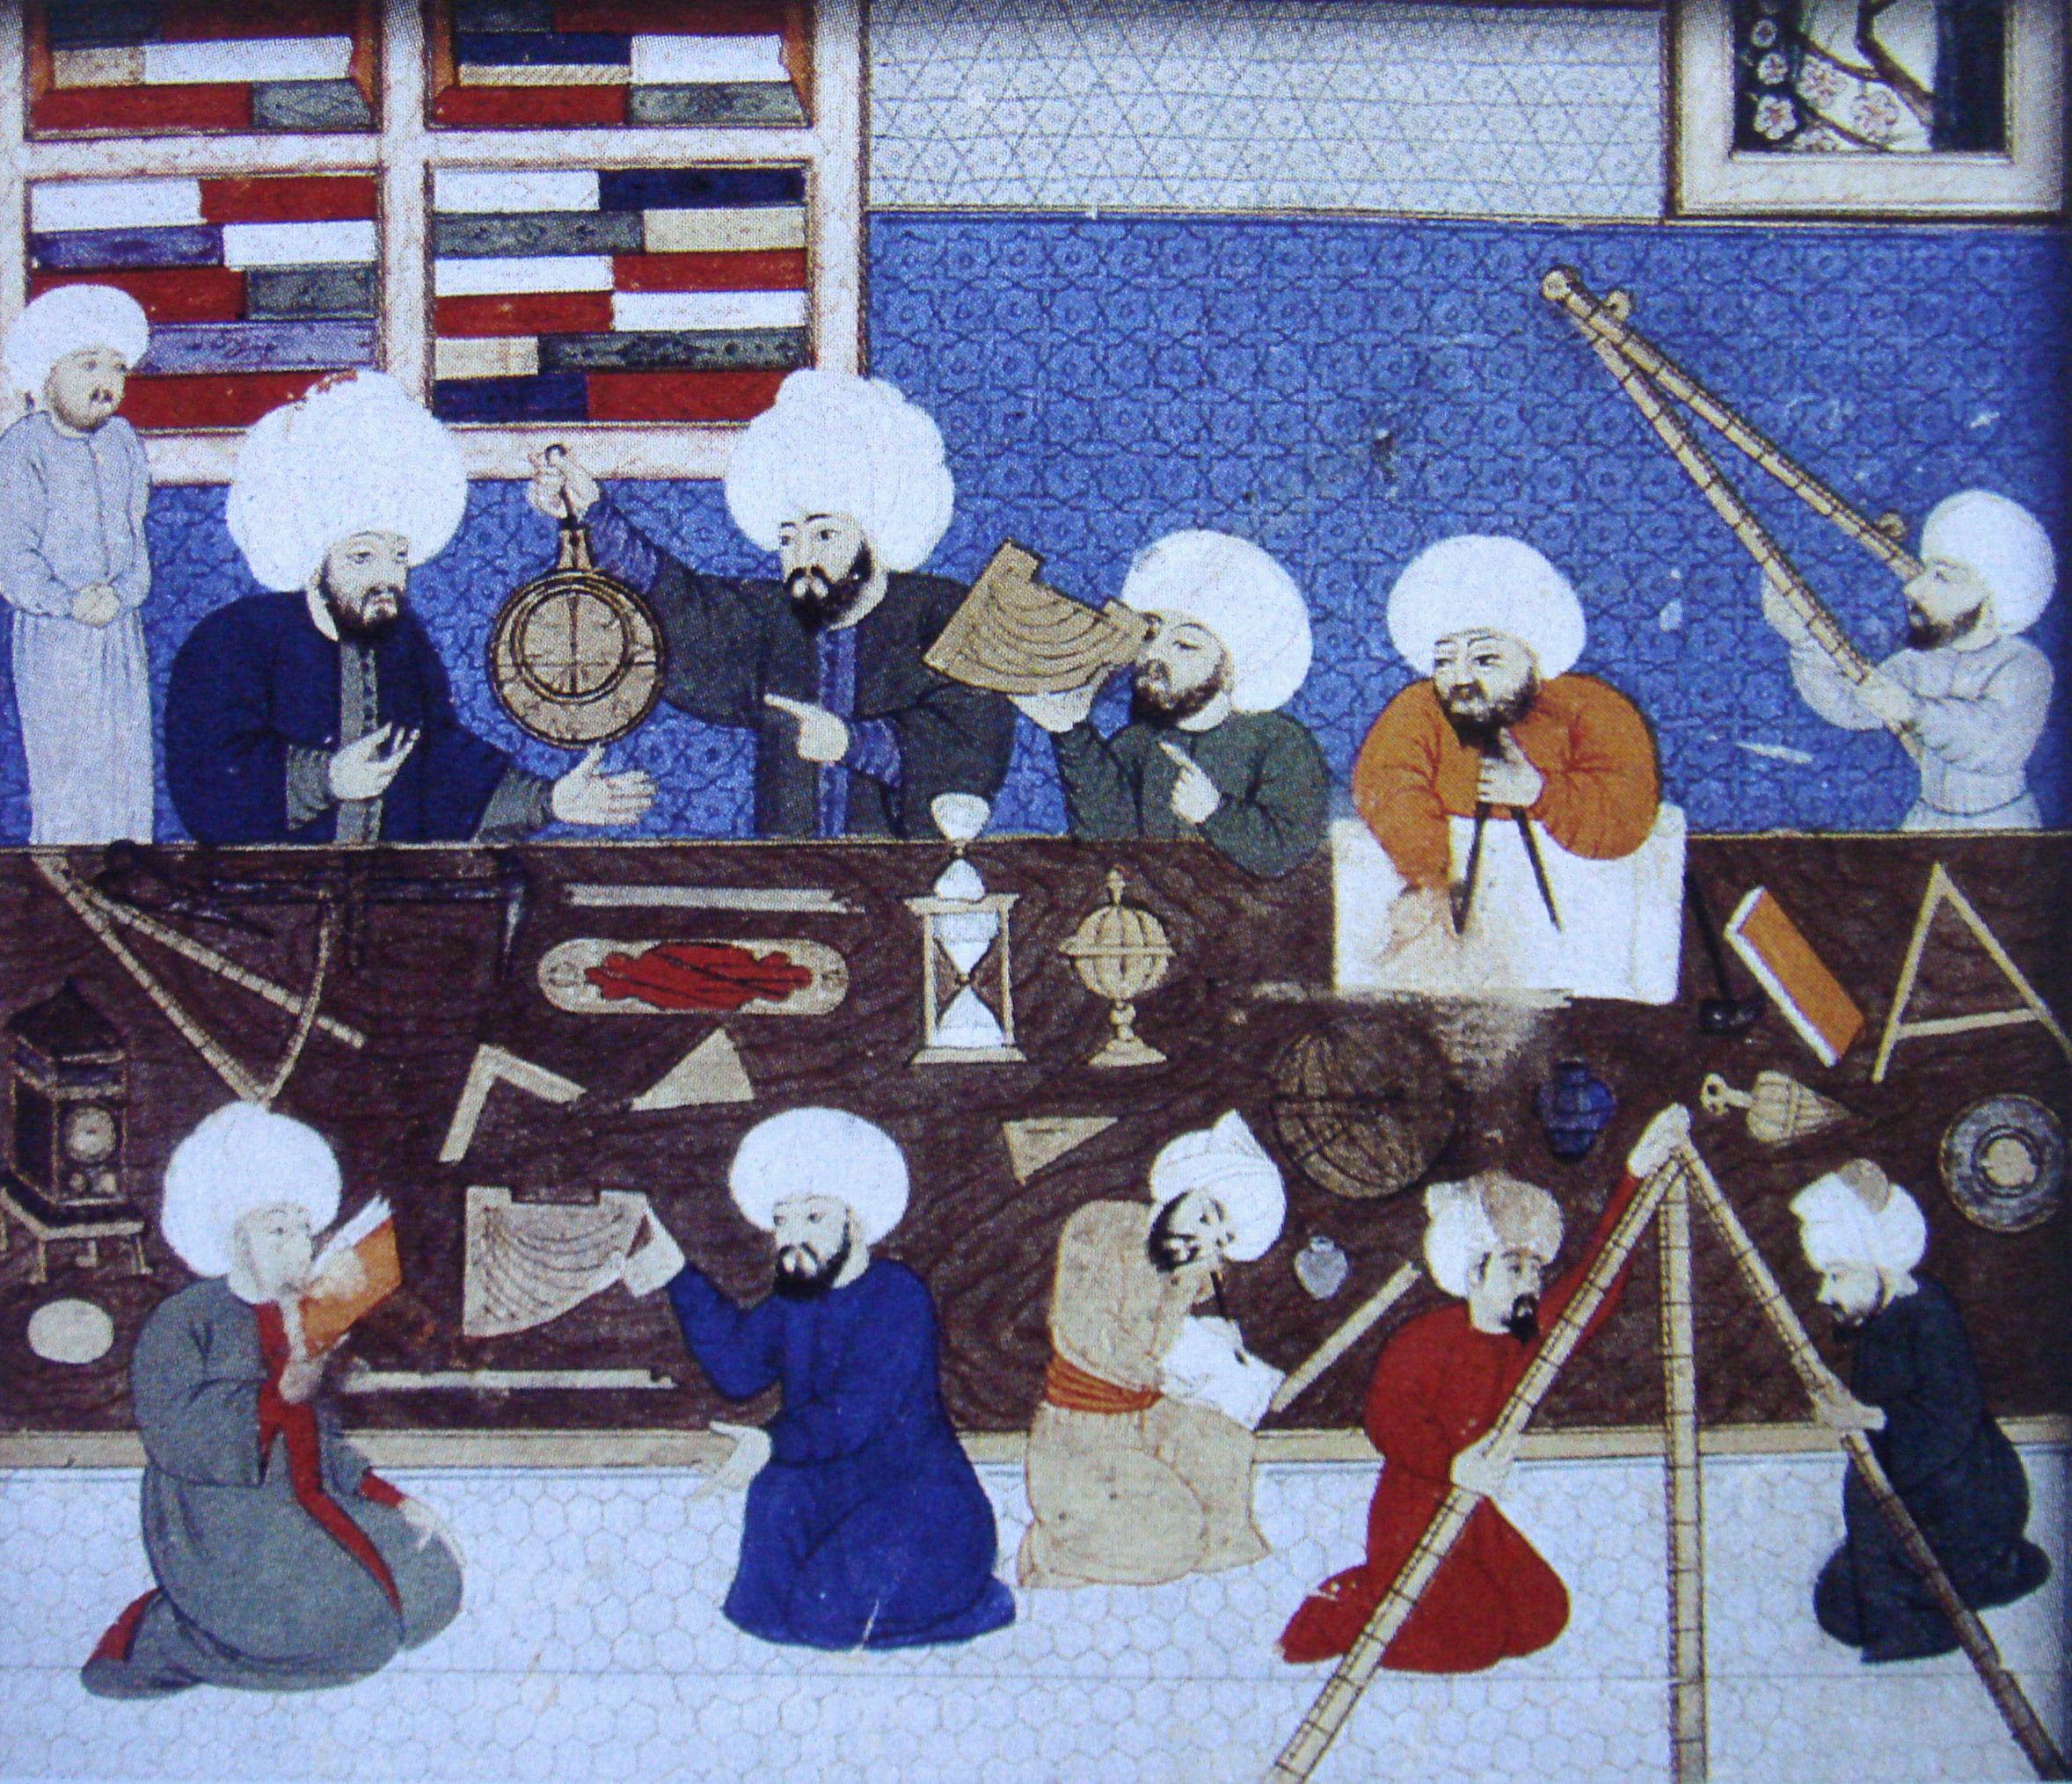 observatorio estambul astronomia islam